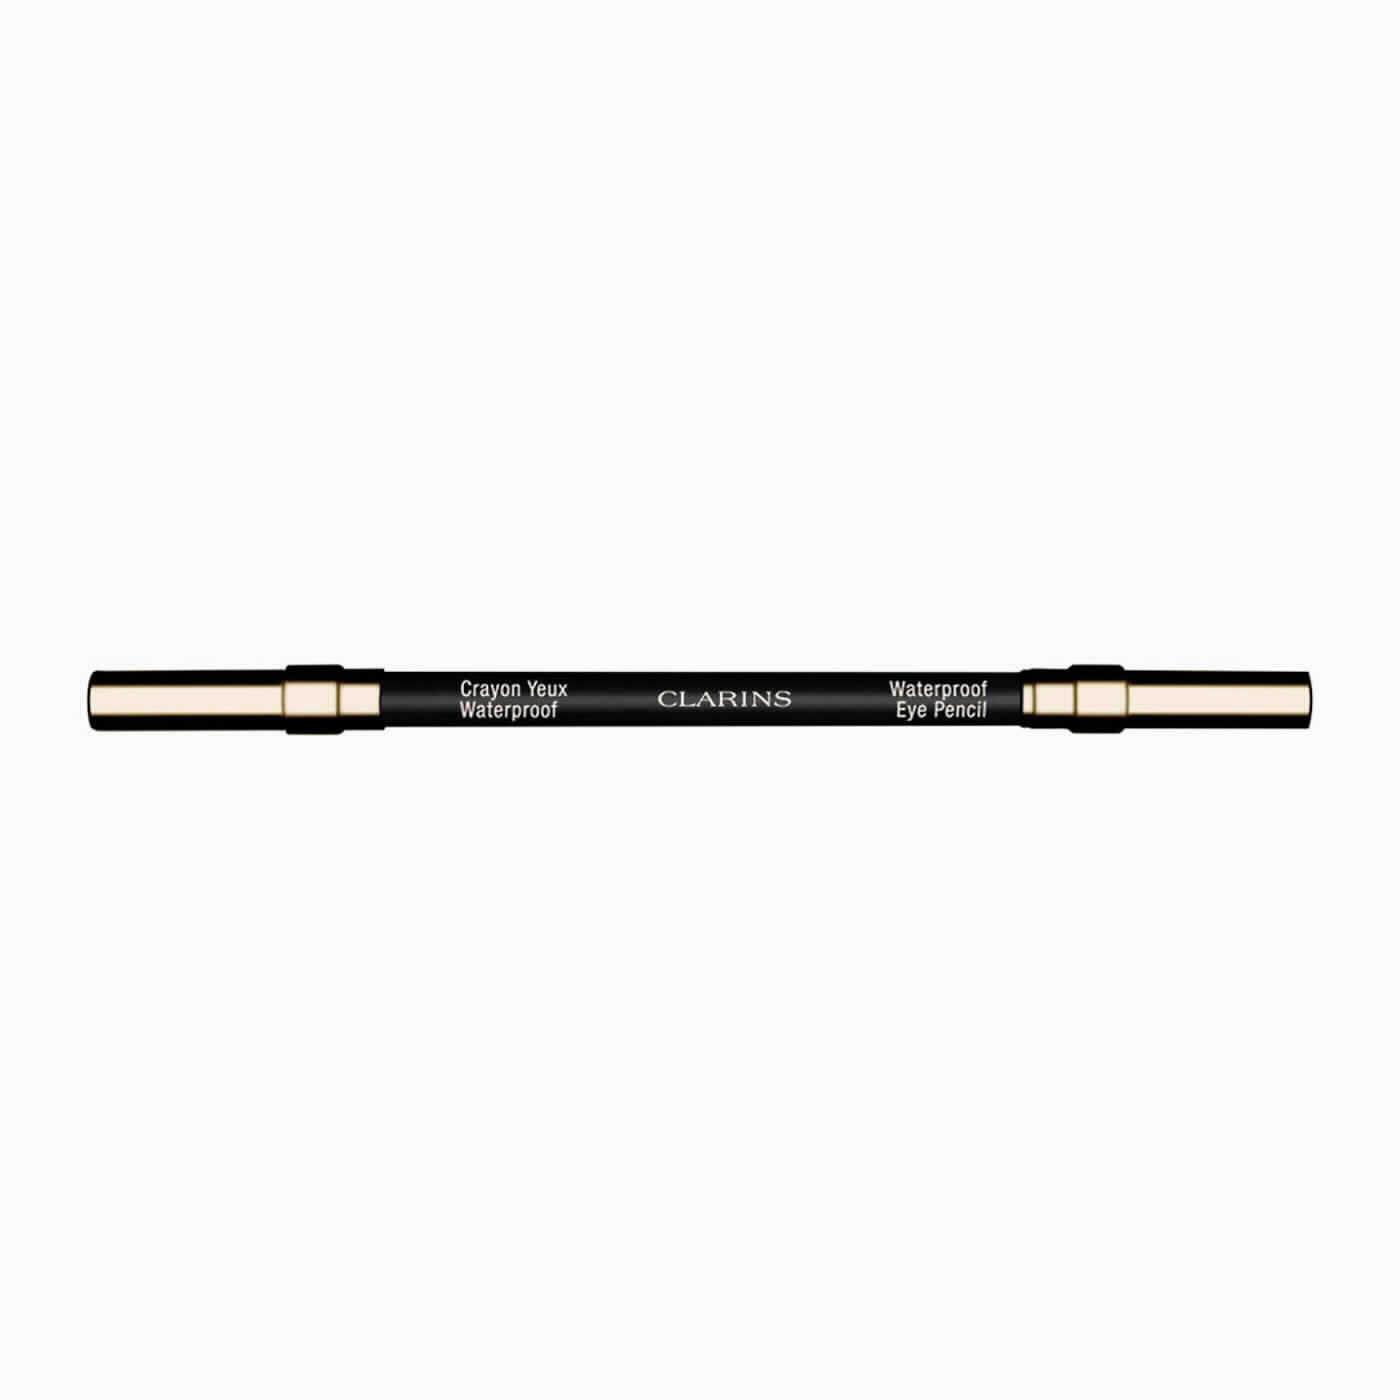 Imagen de producto: Crayon yeux lapiz de ojos waterproof CLARINS